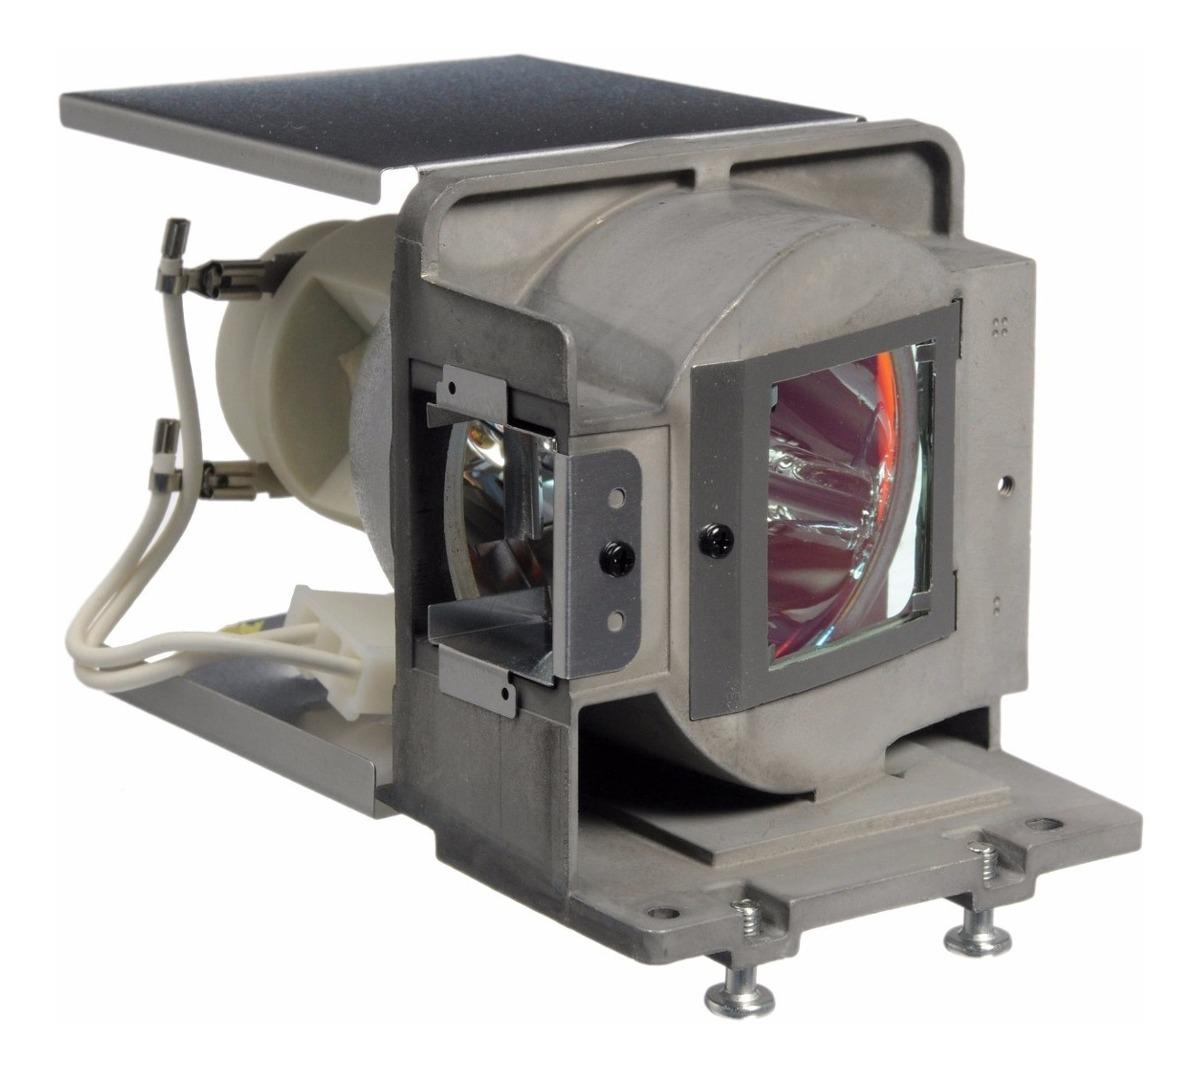 lampara-proyector-viewsonic-pjd5123-pjd5133-rlc-072-rlc072-D_NQ_NP_859515-MLA31581165018_072019-F